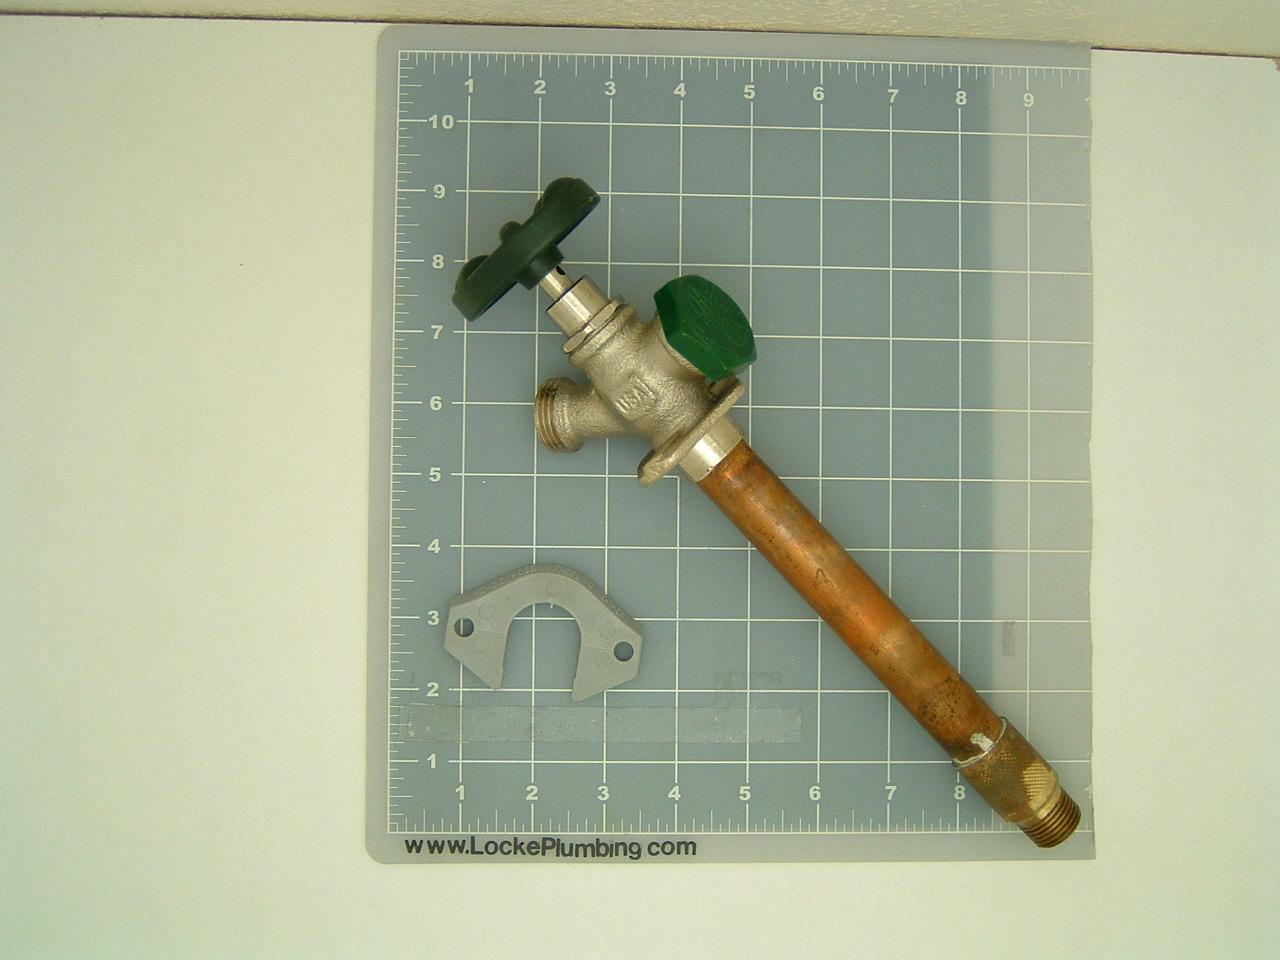 Arrowhead Brass 426 06qtlfbfp06 6 Inch Frost Free Faucet With Vacuum Breaker Locke Plumbing